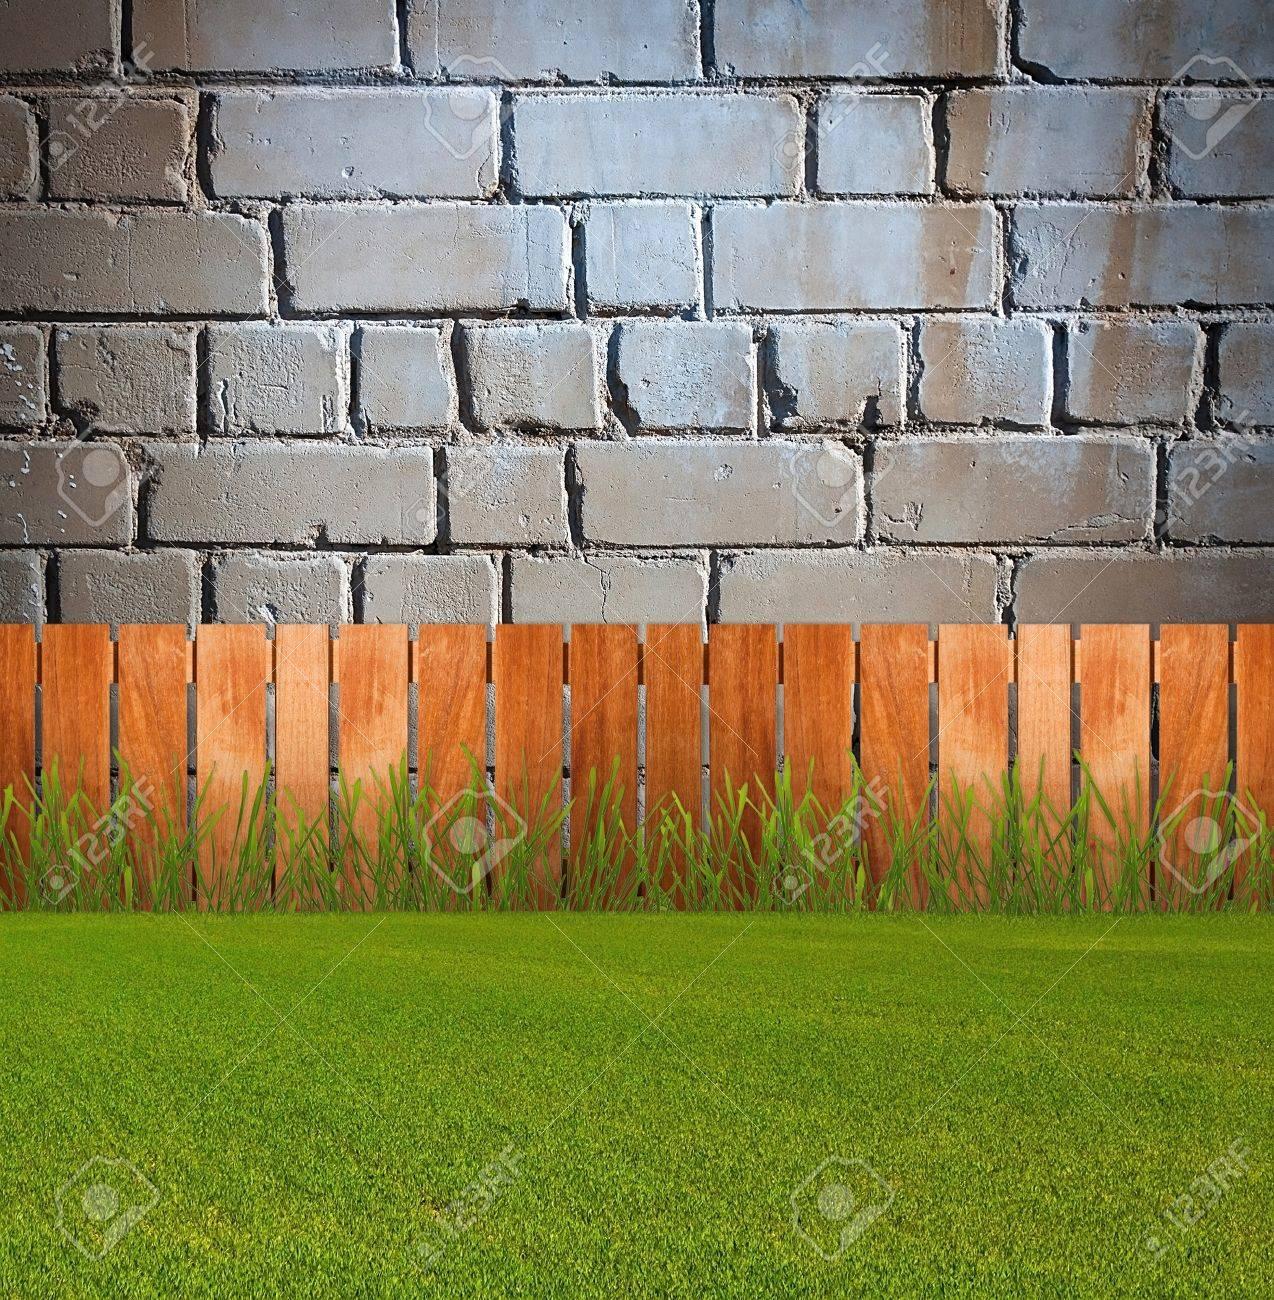 Mattoni Per Recinzione Giardino.Erba Verde In Giardino Con Recinzione In Prossimita Del Muro Di Mattoni